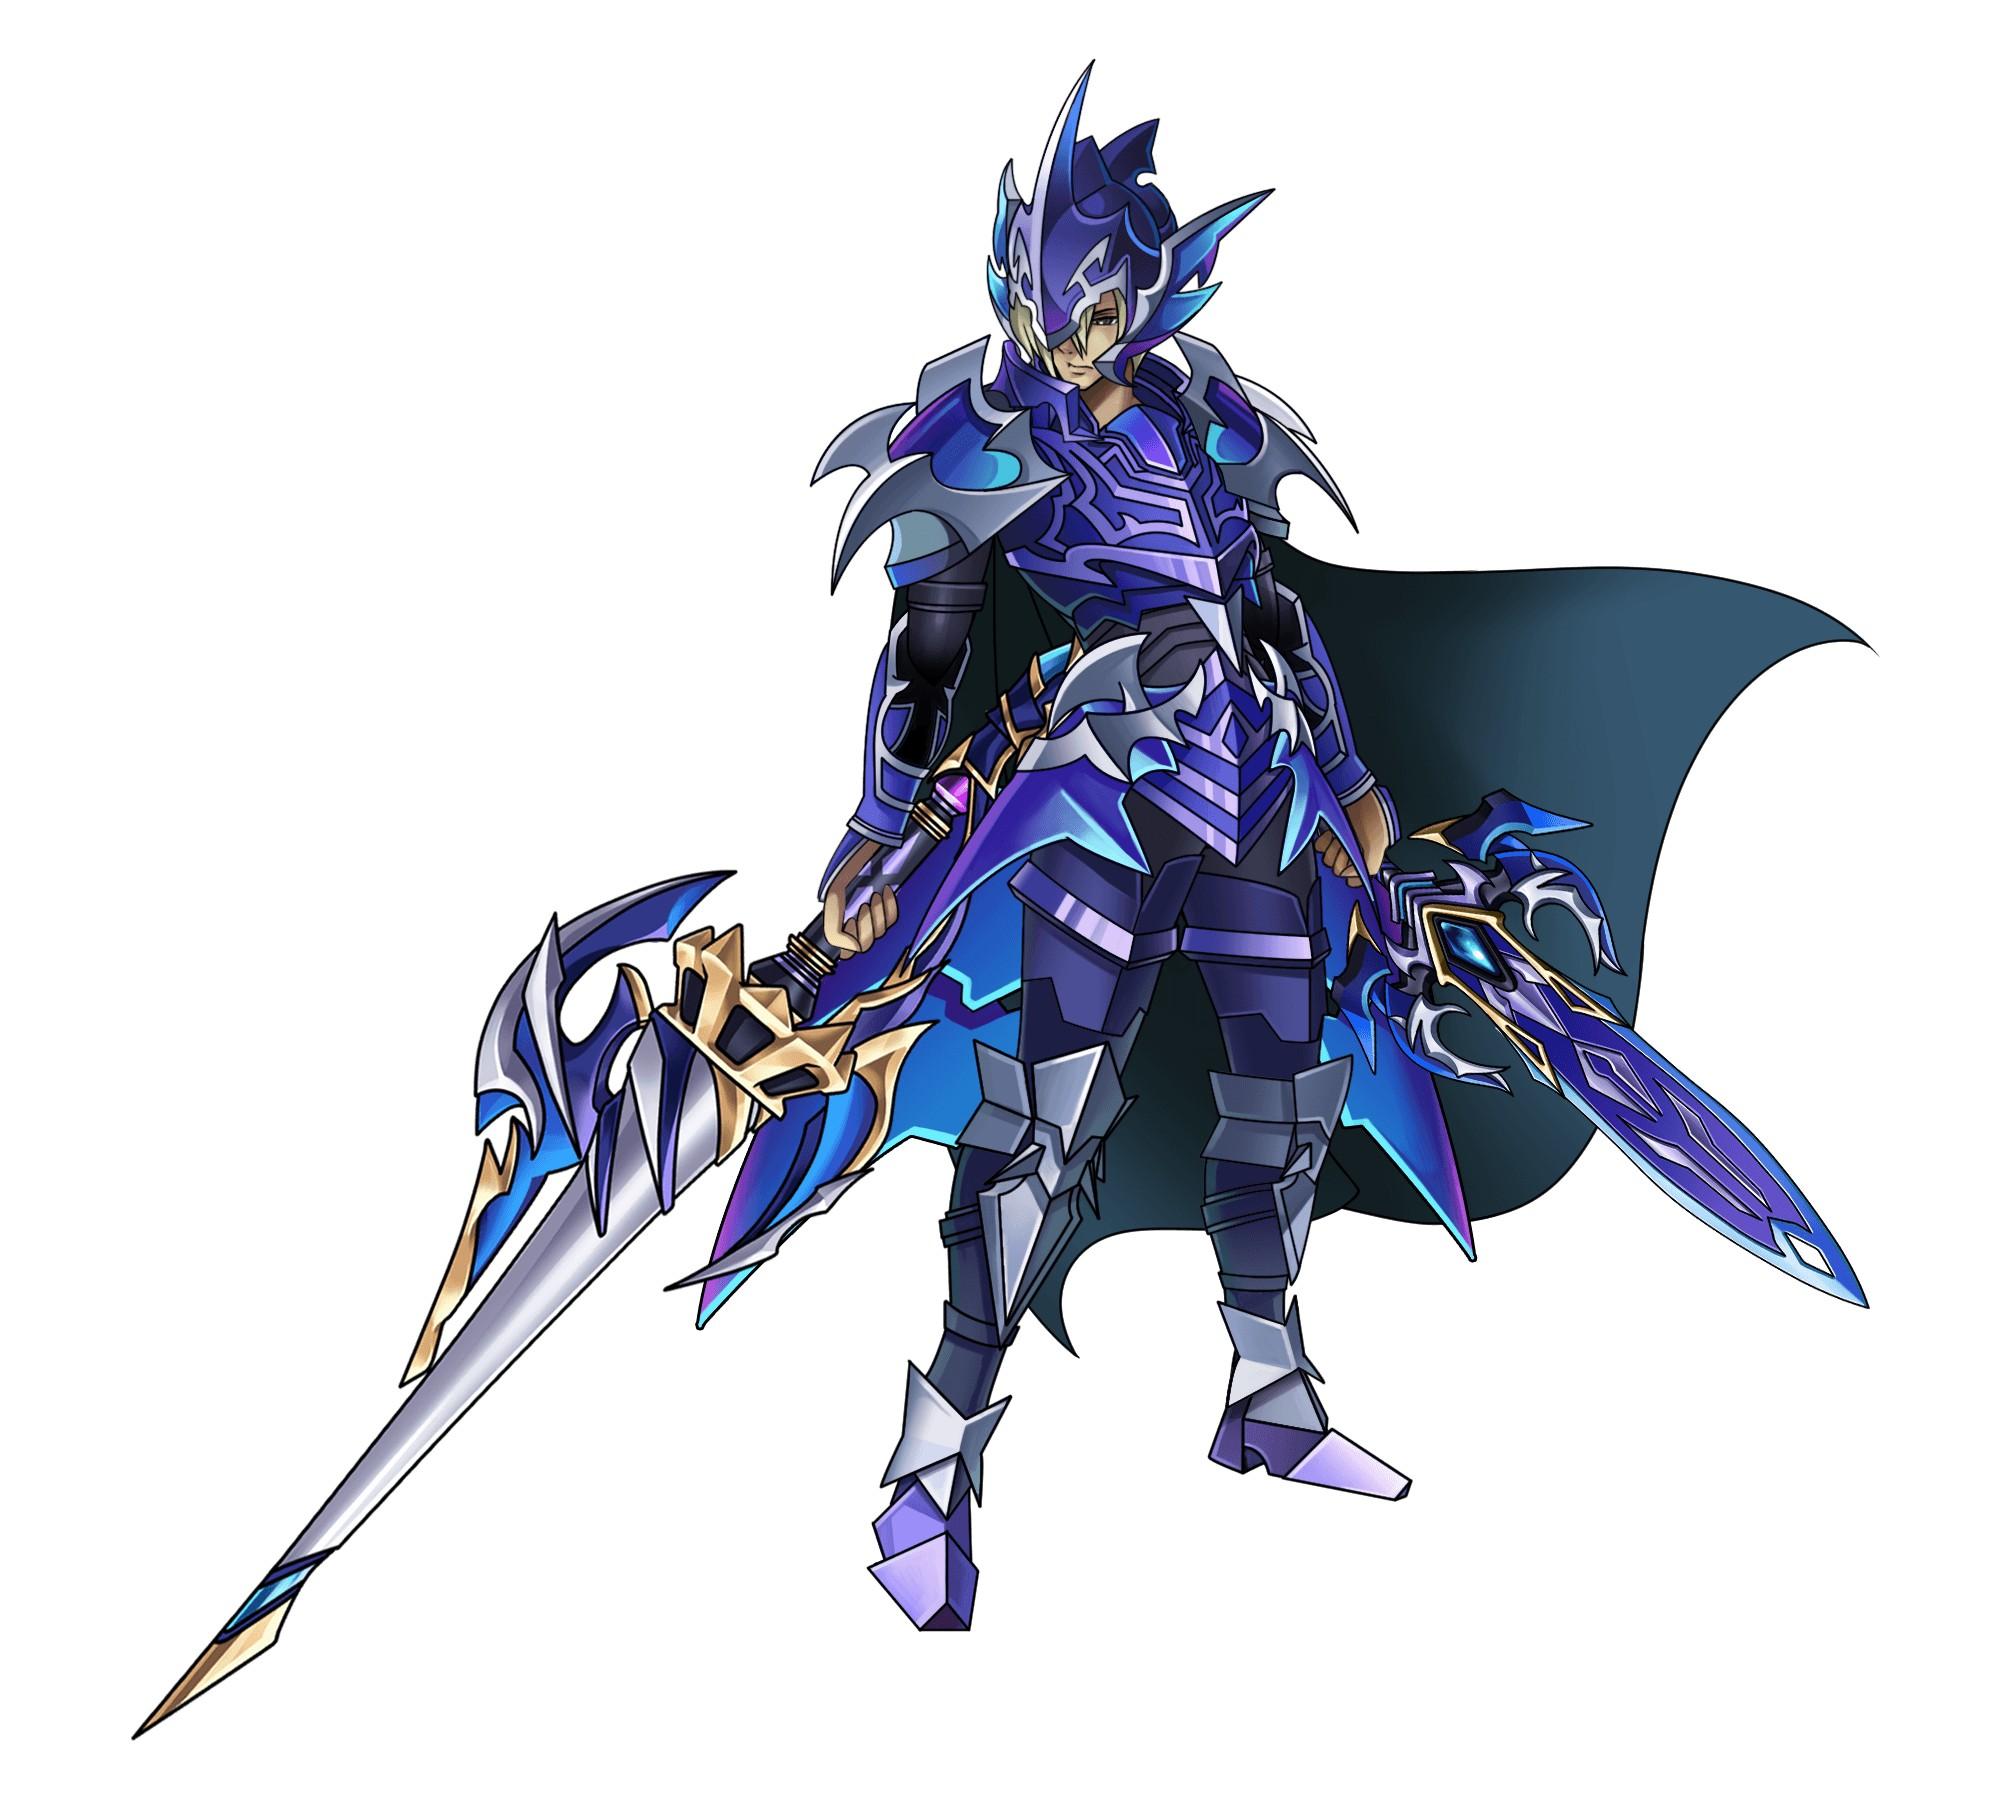 Gear-Dragoon_Cuchulainn_Render_(Large).jpg